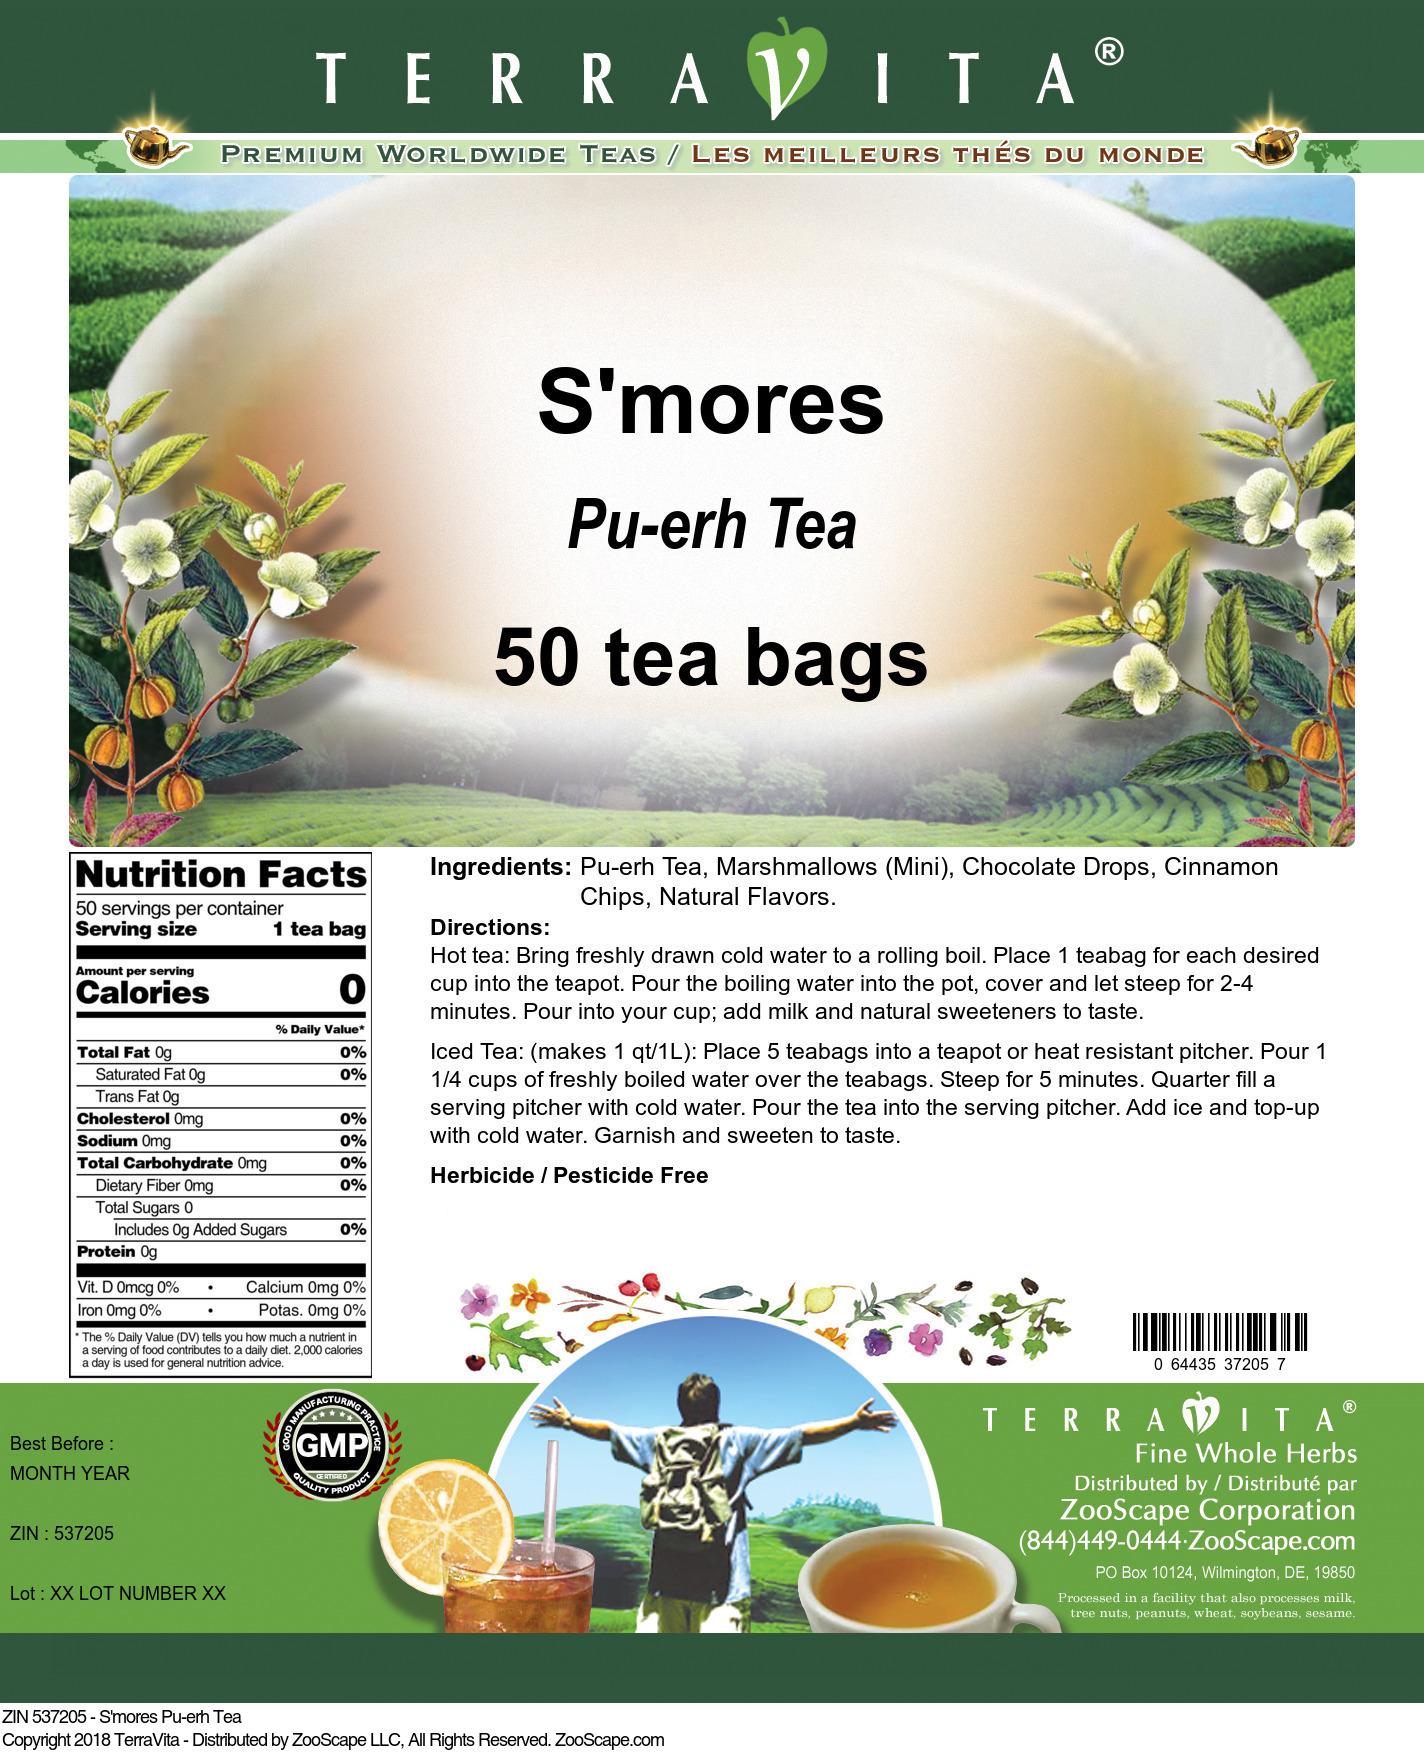 S'mores Pu-erh Tea